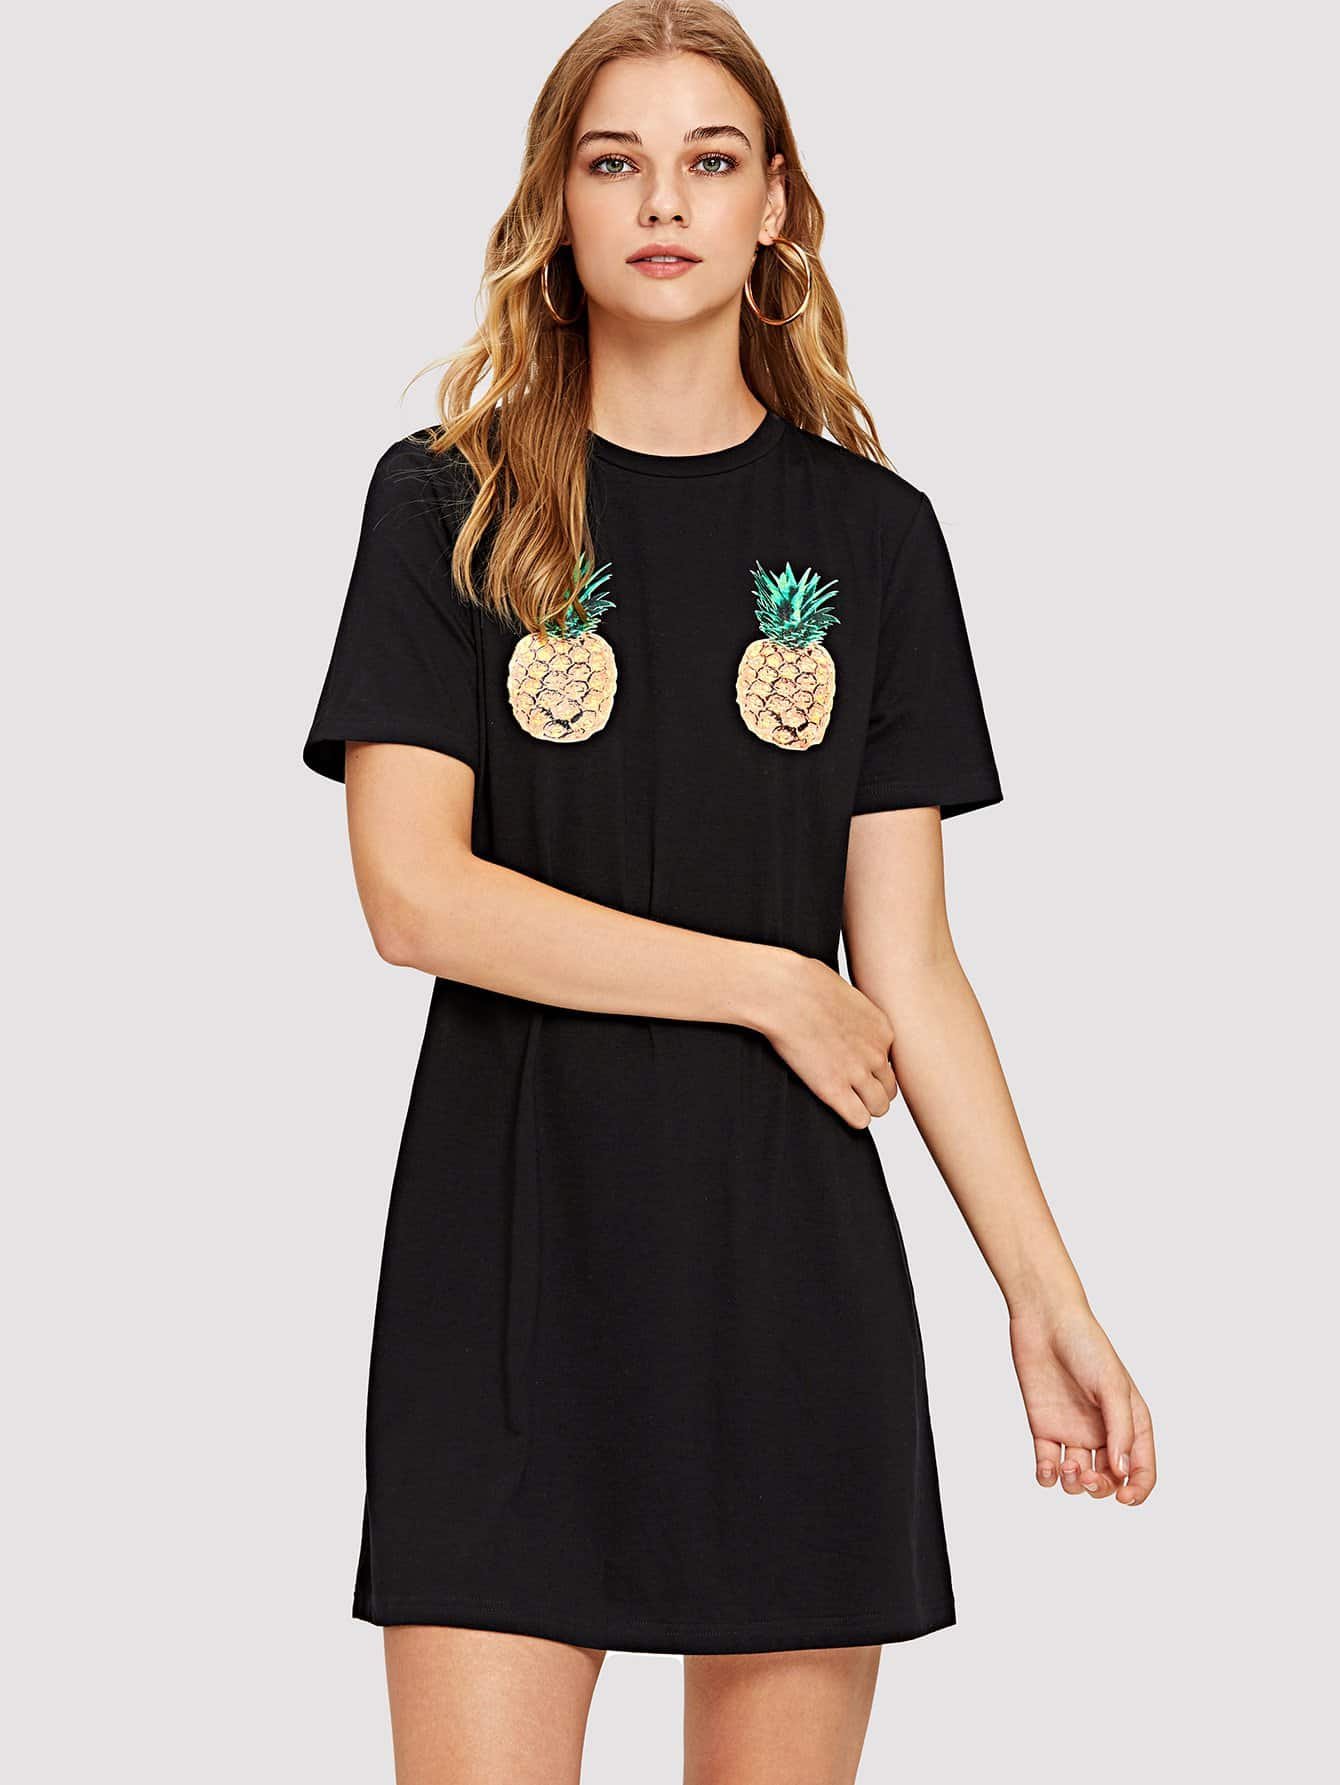 Купить Симметричное платье для танец с ананасом, Teresa, SheIn